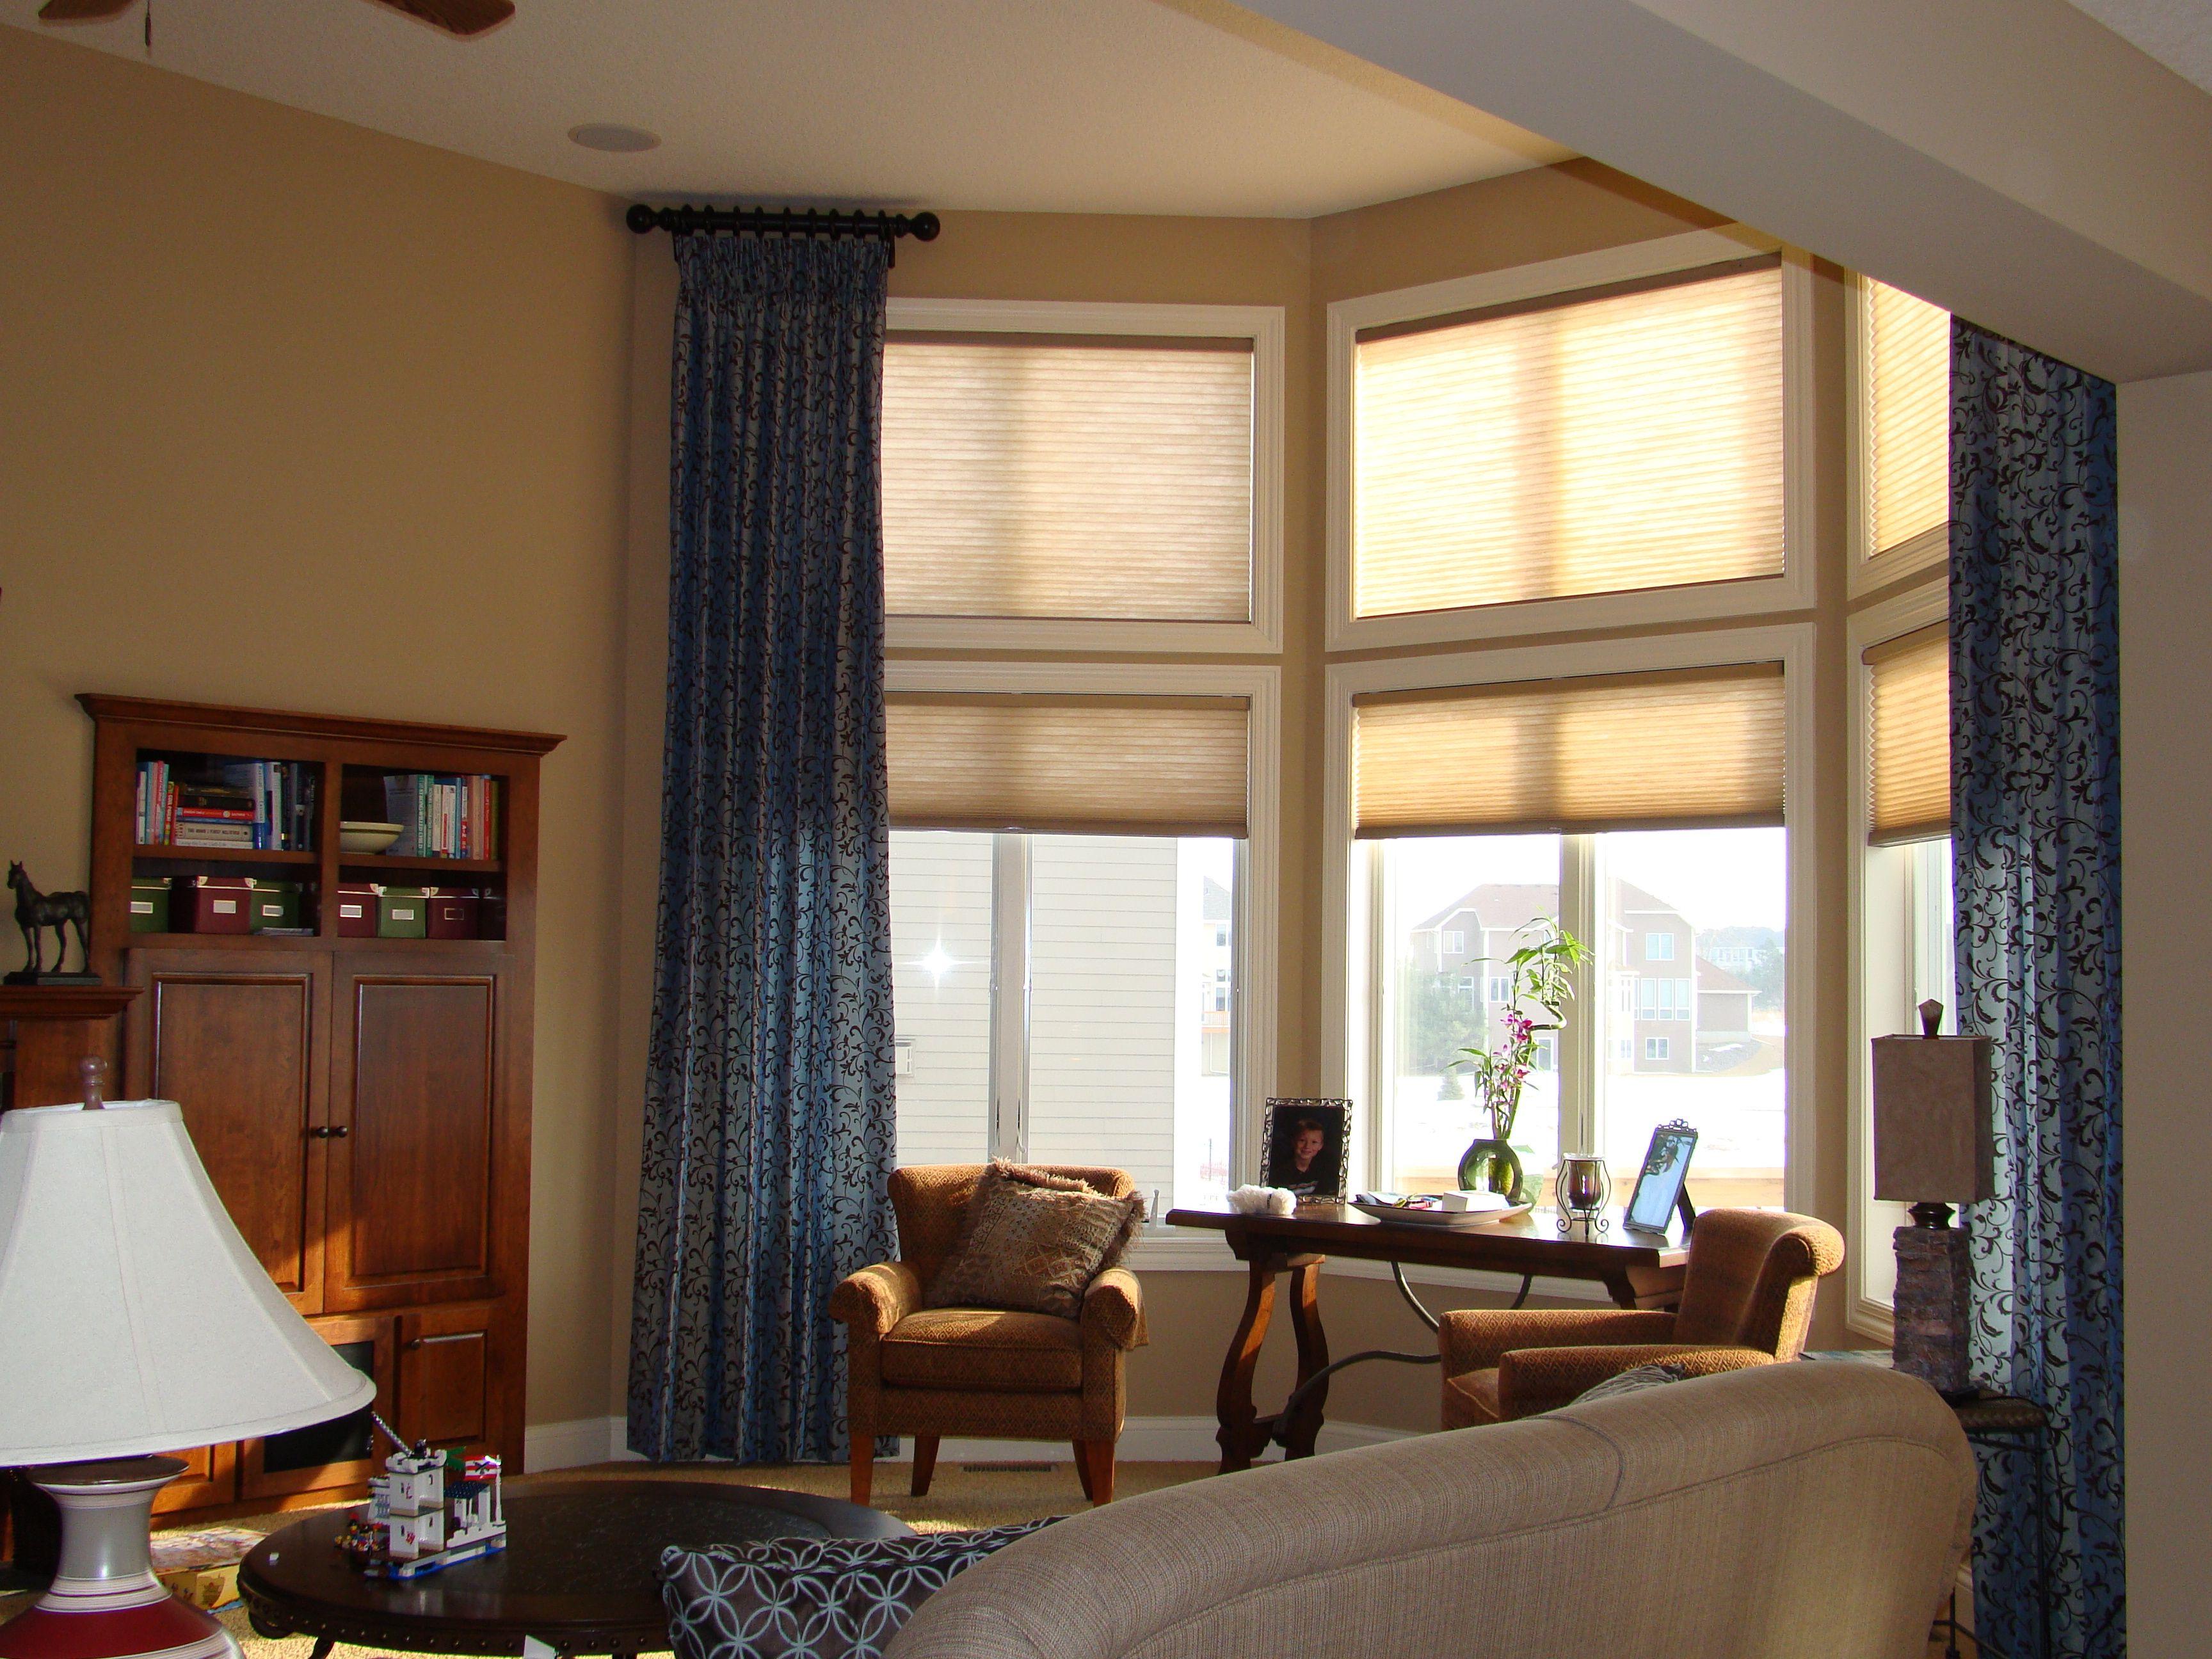 Double Rod Curtain Ideas Decoration Ideas Curtains For Tall